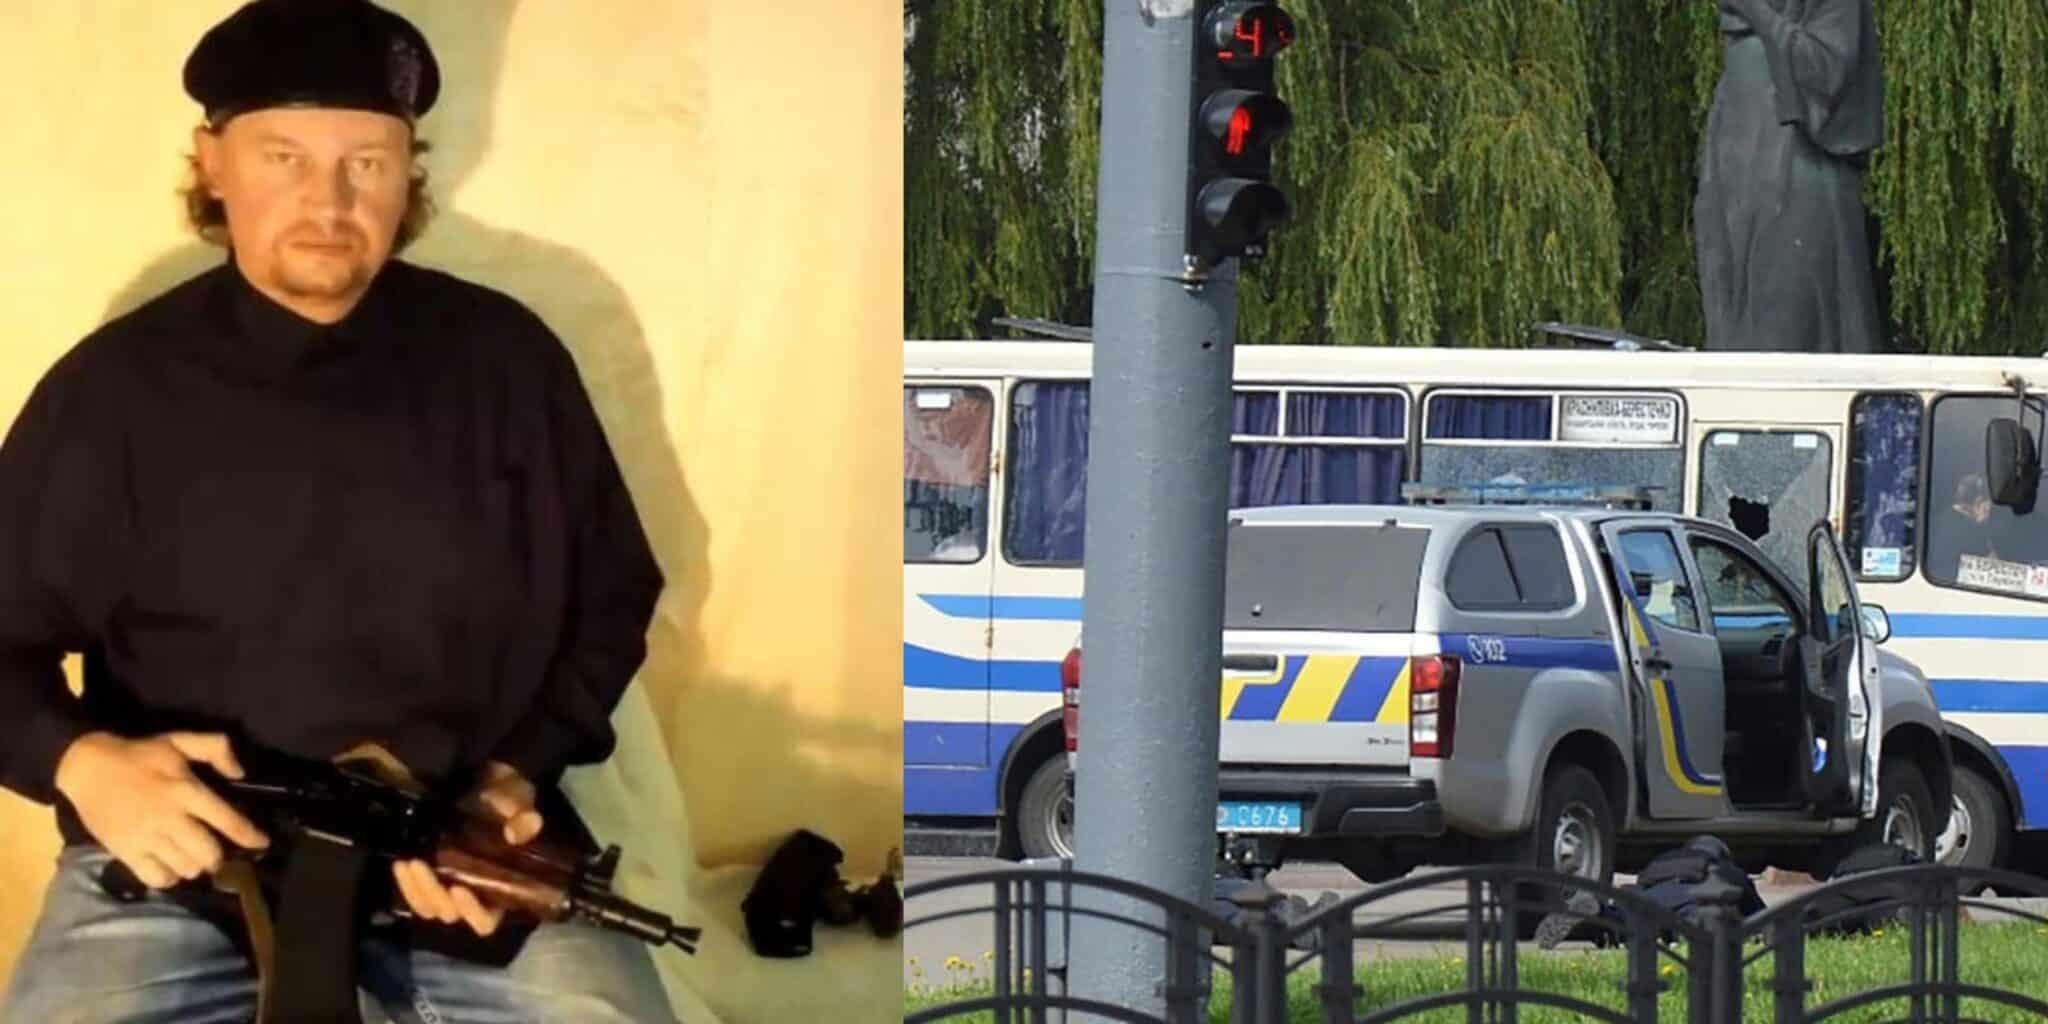 Ucraina: uomo armato prende 20 ostaggi su autobus